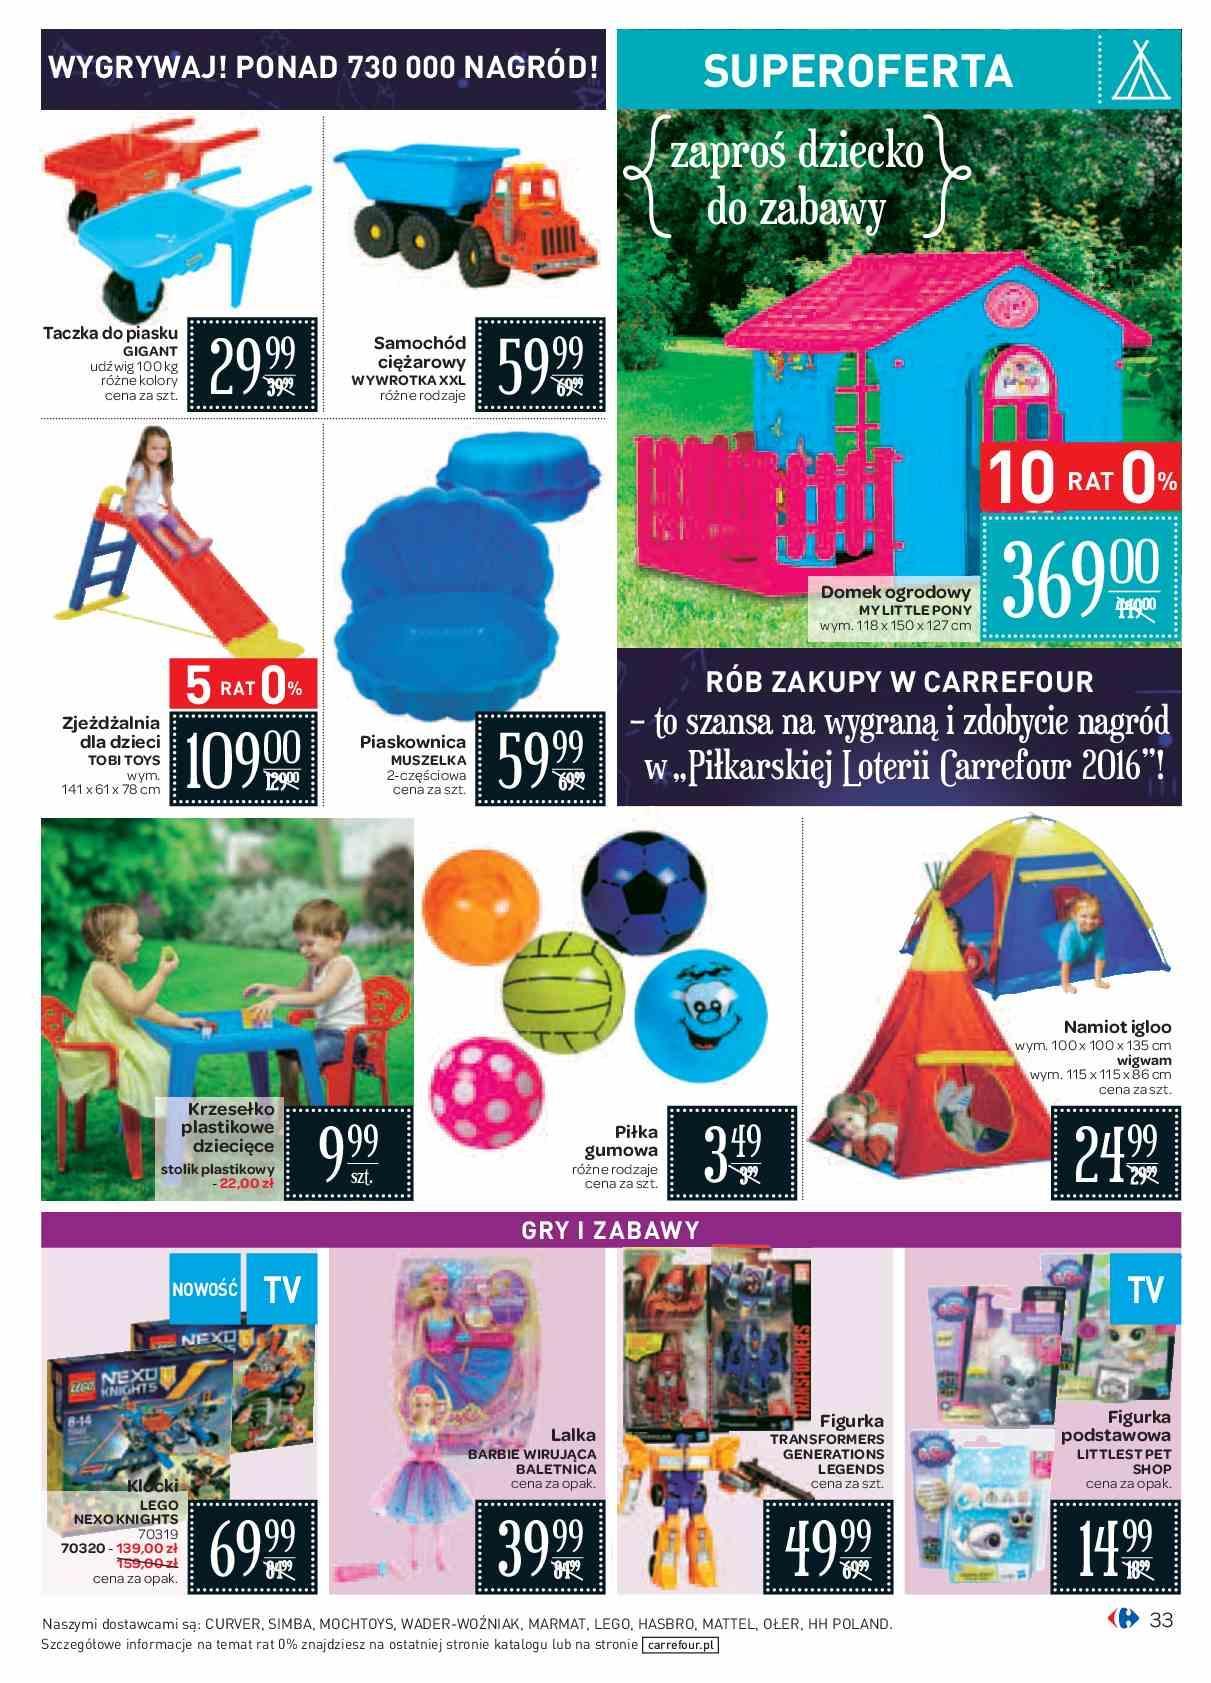 Gazetka Promocyjna I Reklamowa Carrefour Pilkarska Loteria Od 01